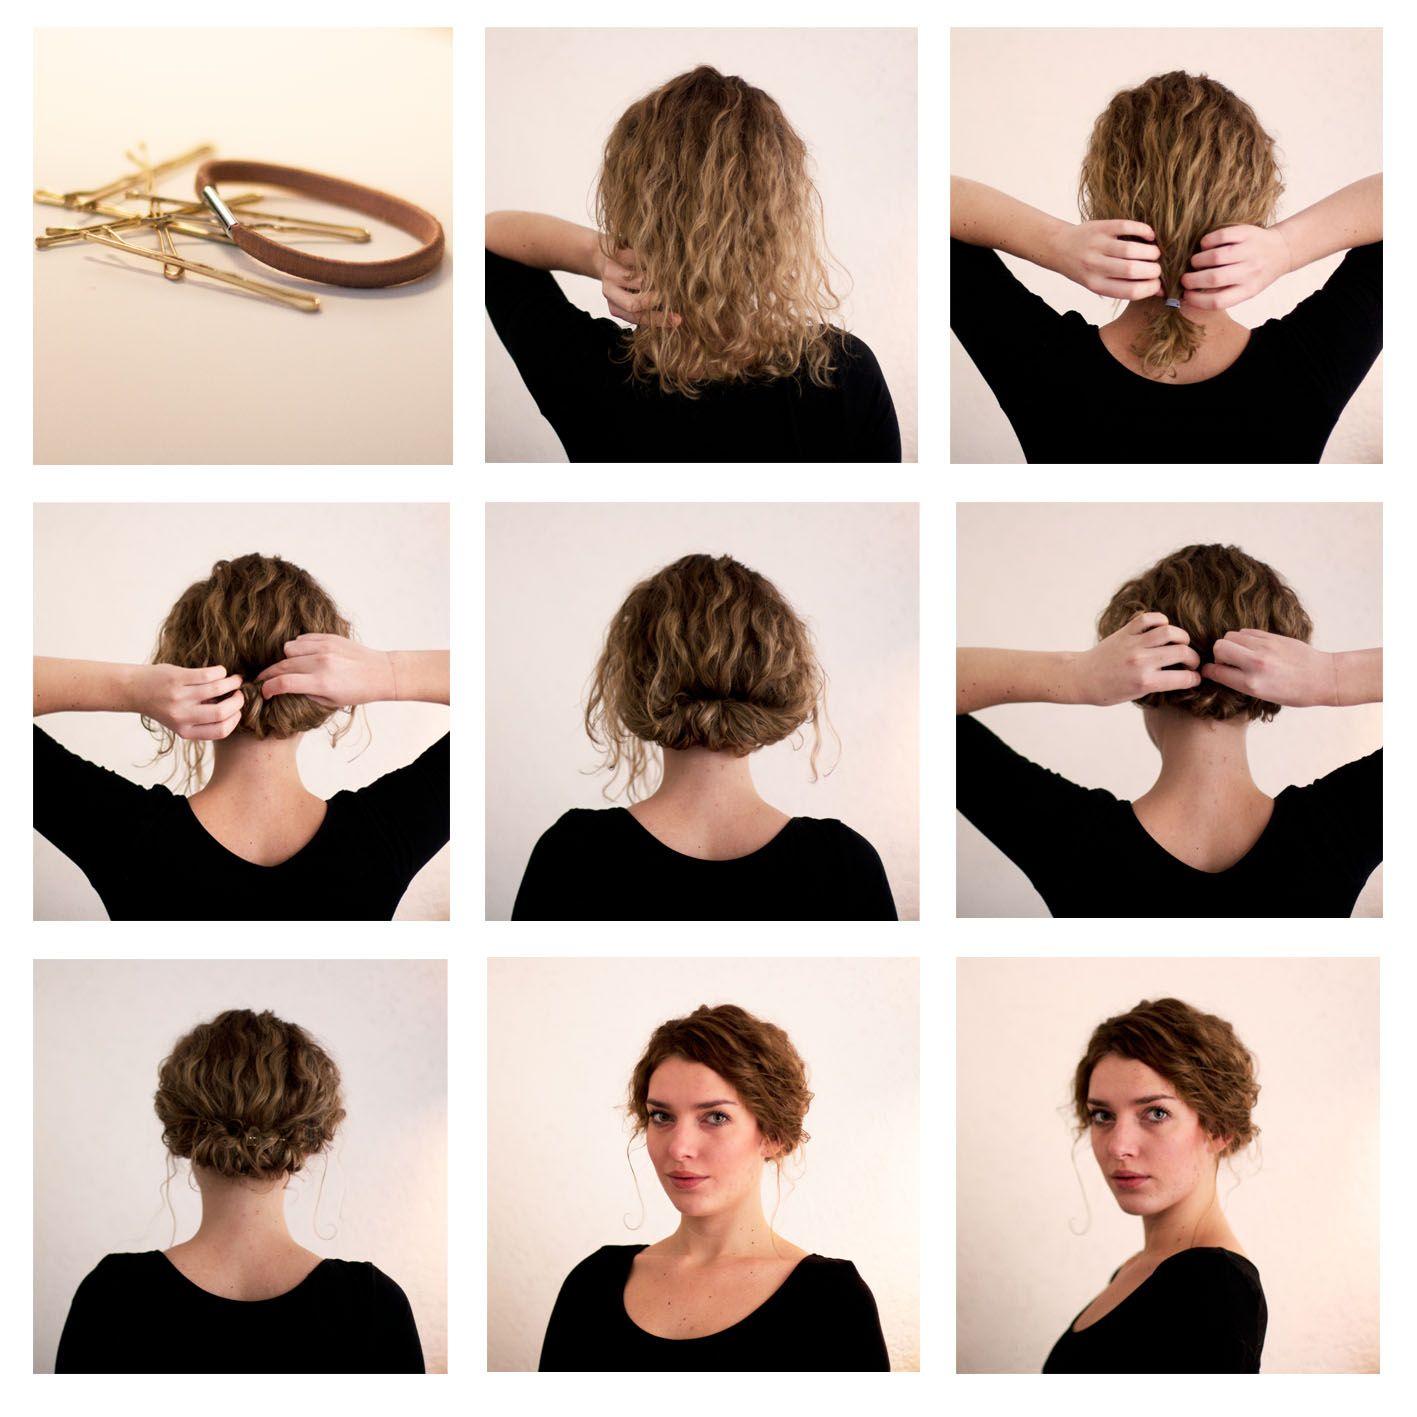 Updos For Short Hair Best Haircut Styles Frisur Hochgesteckt Hochsteckfrisur Lockige Frisuren